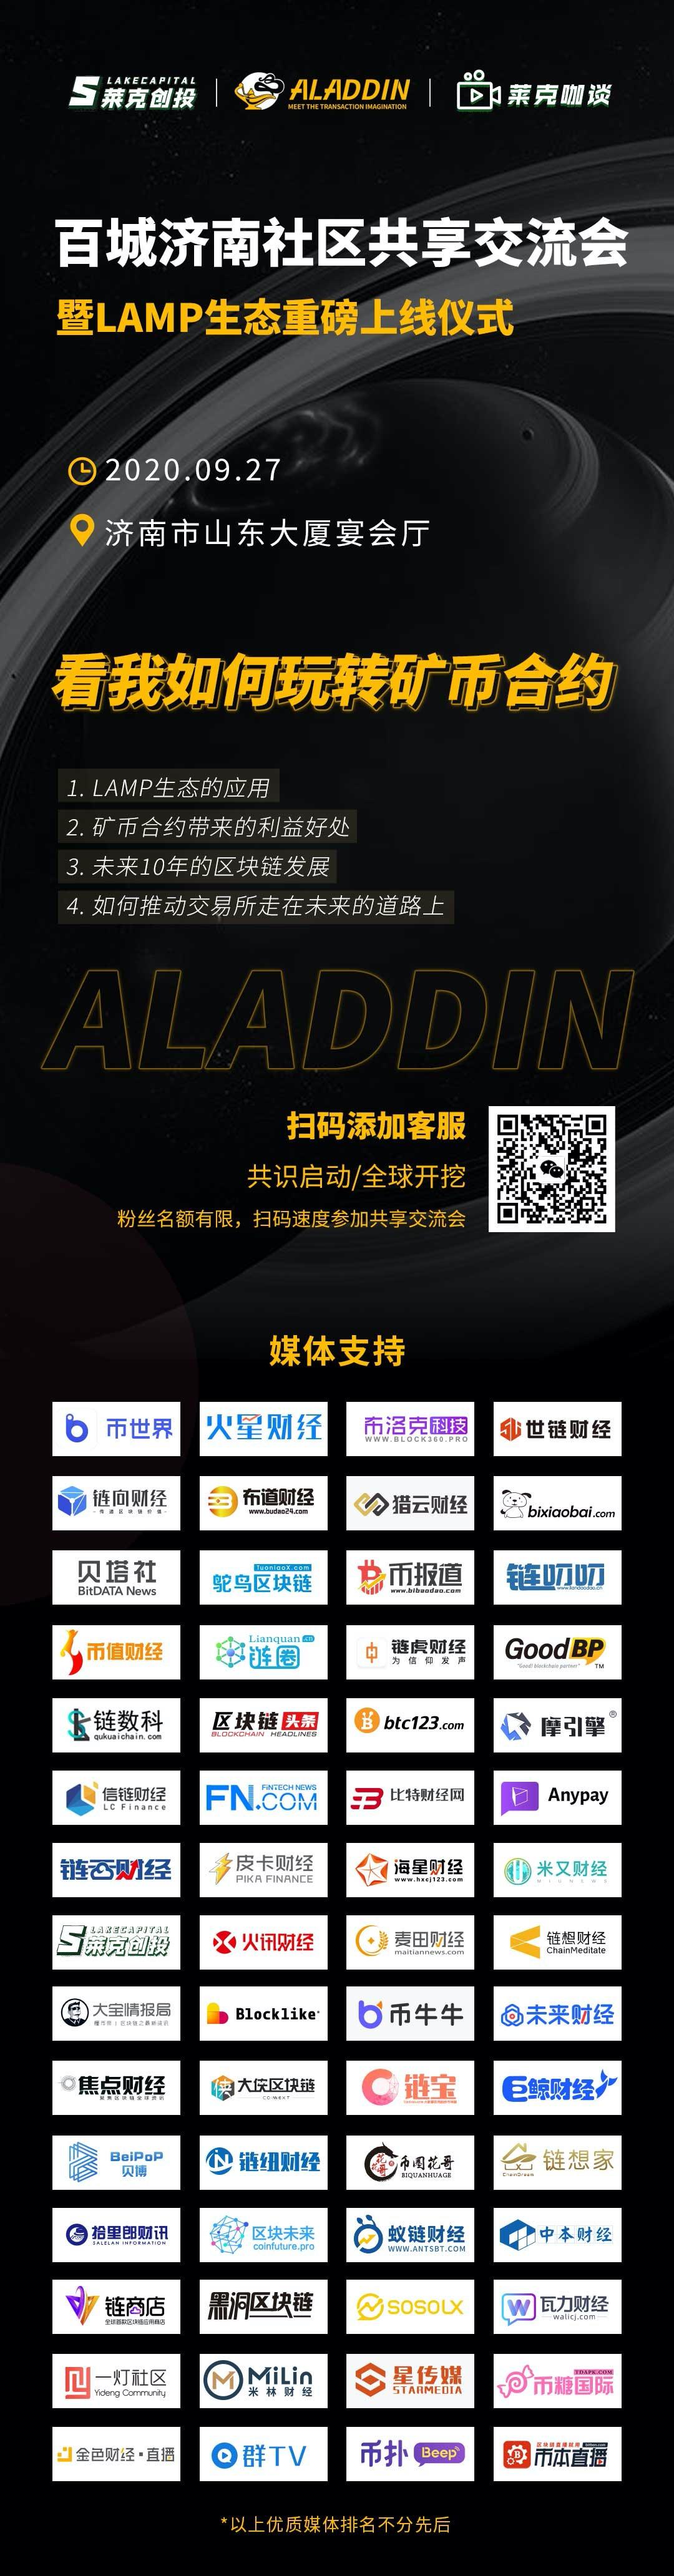 百城济南社区粉丝共享交流会圆满落幕图3